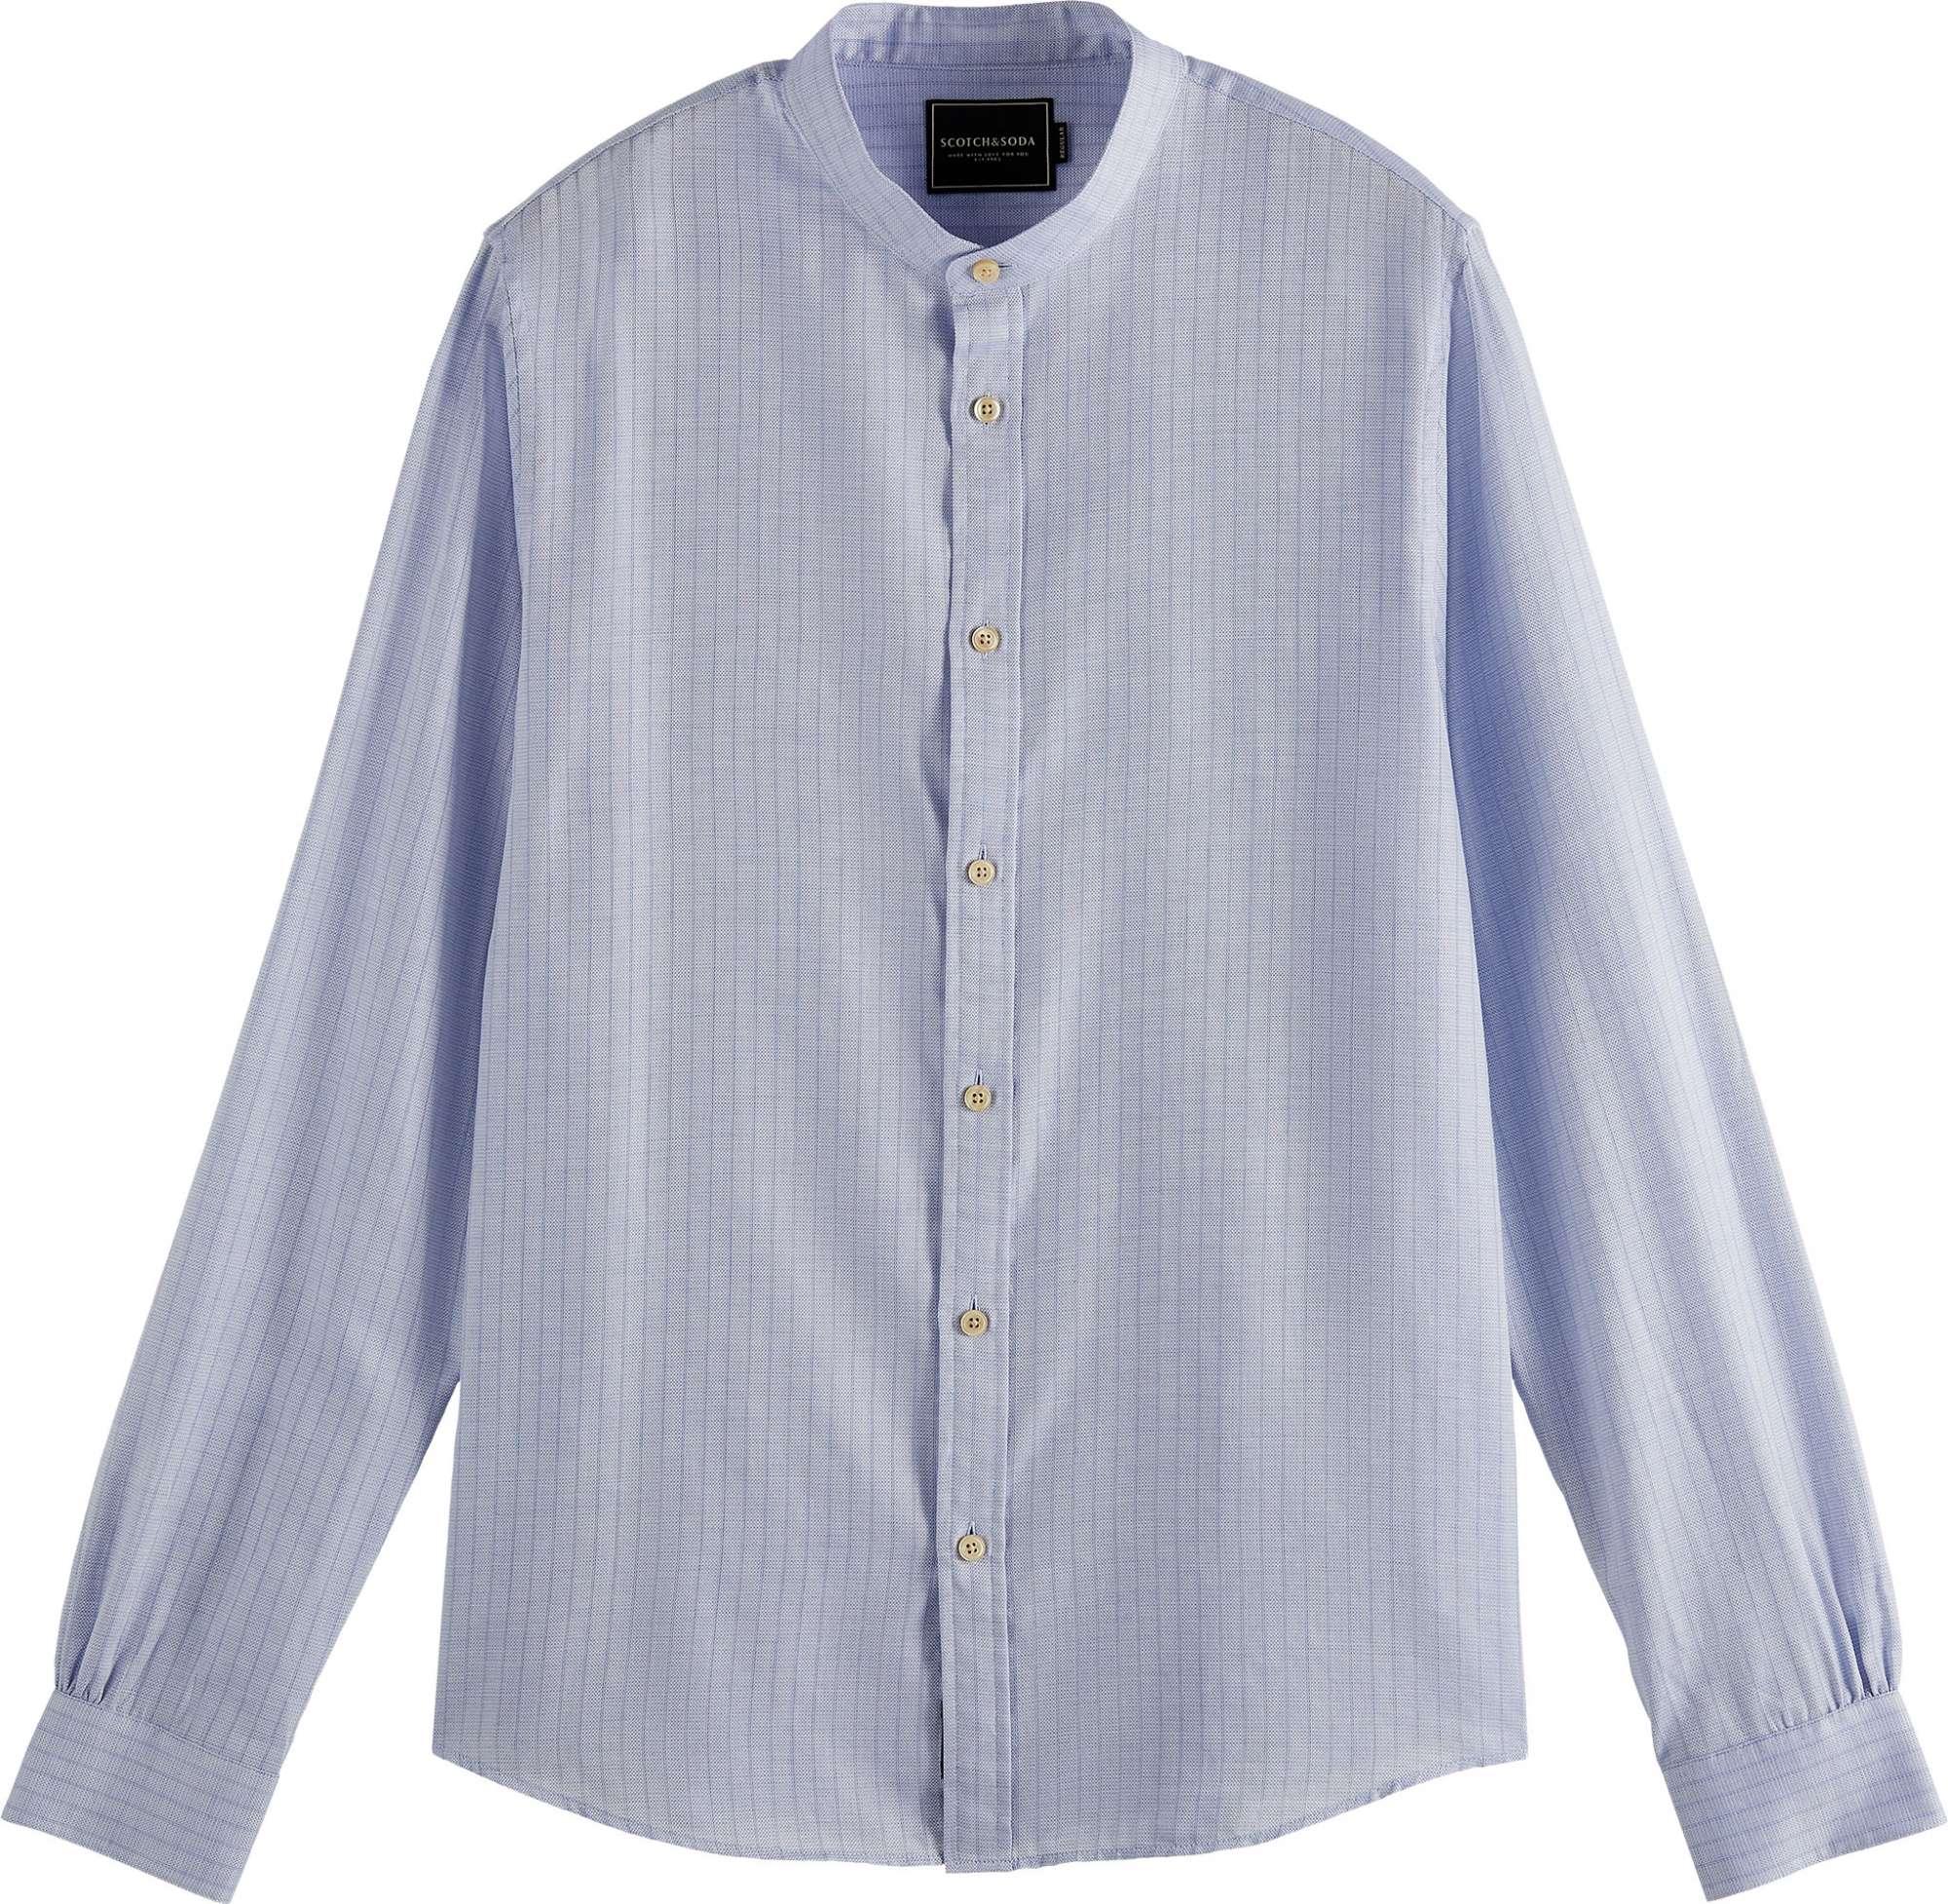 Regular fit- lightweight structured blue